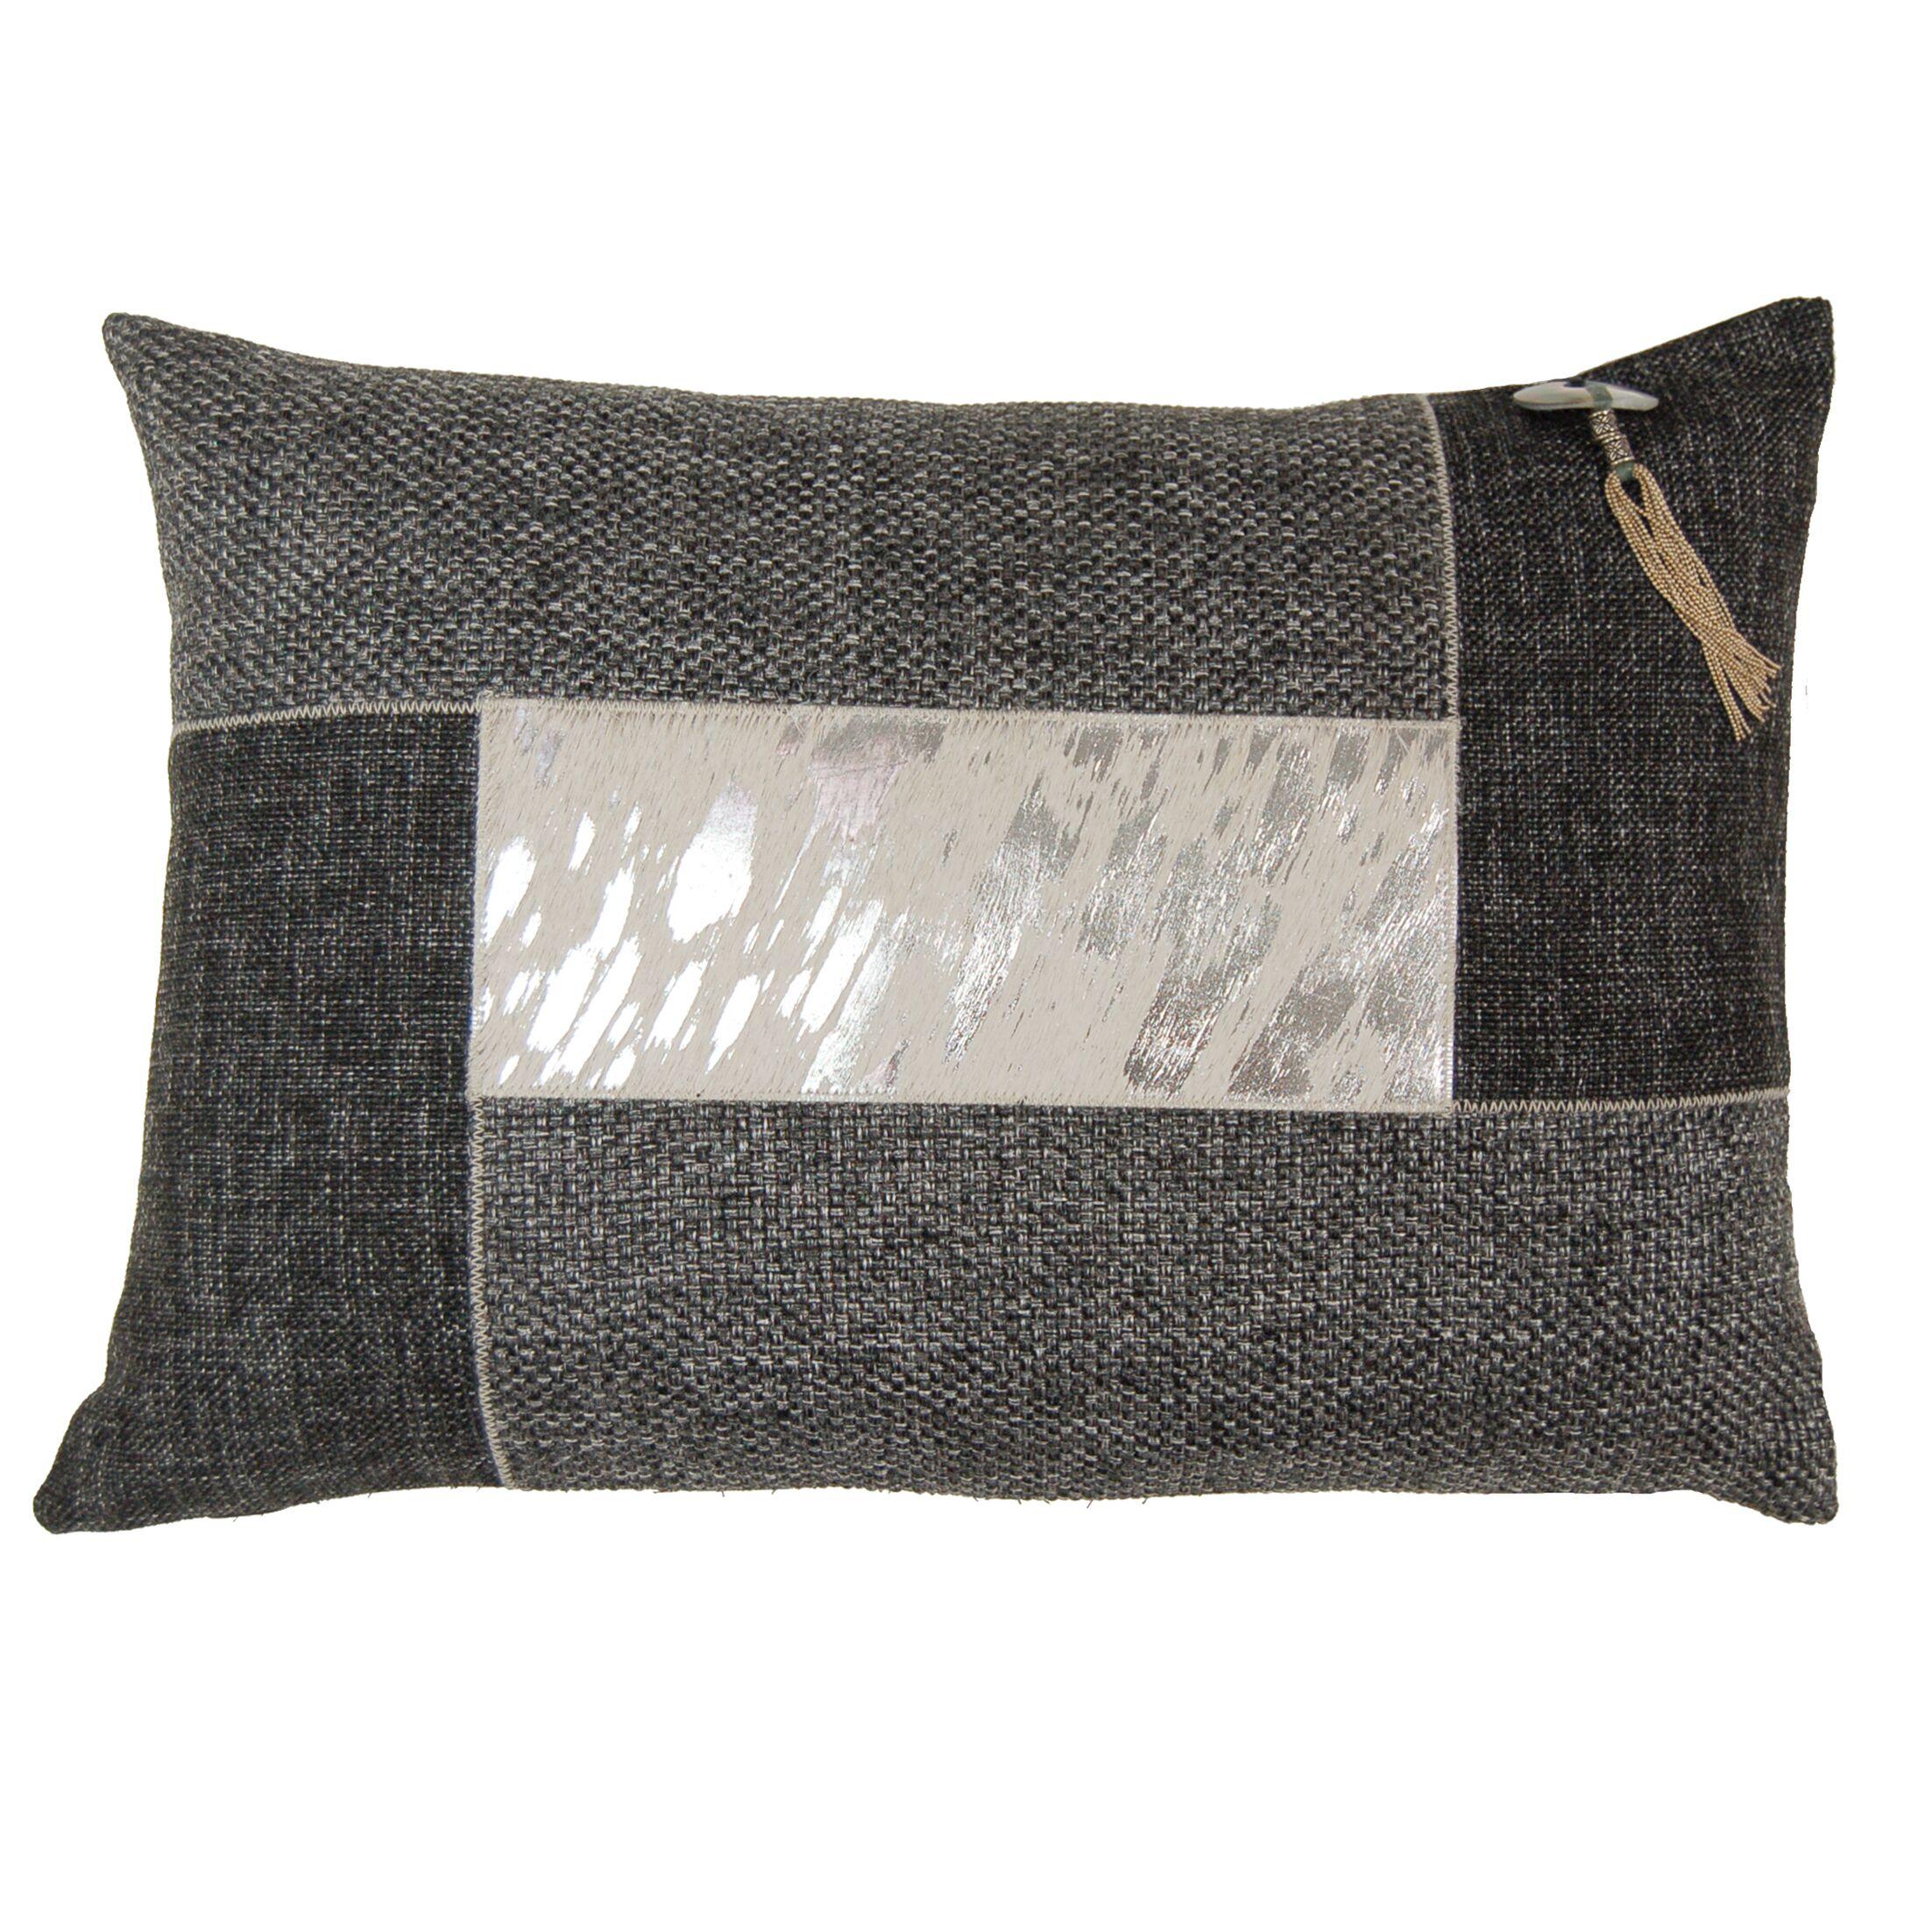 Foiled Hairon Leather Lumbar Pillow